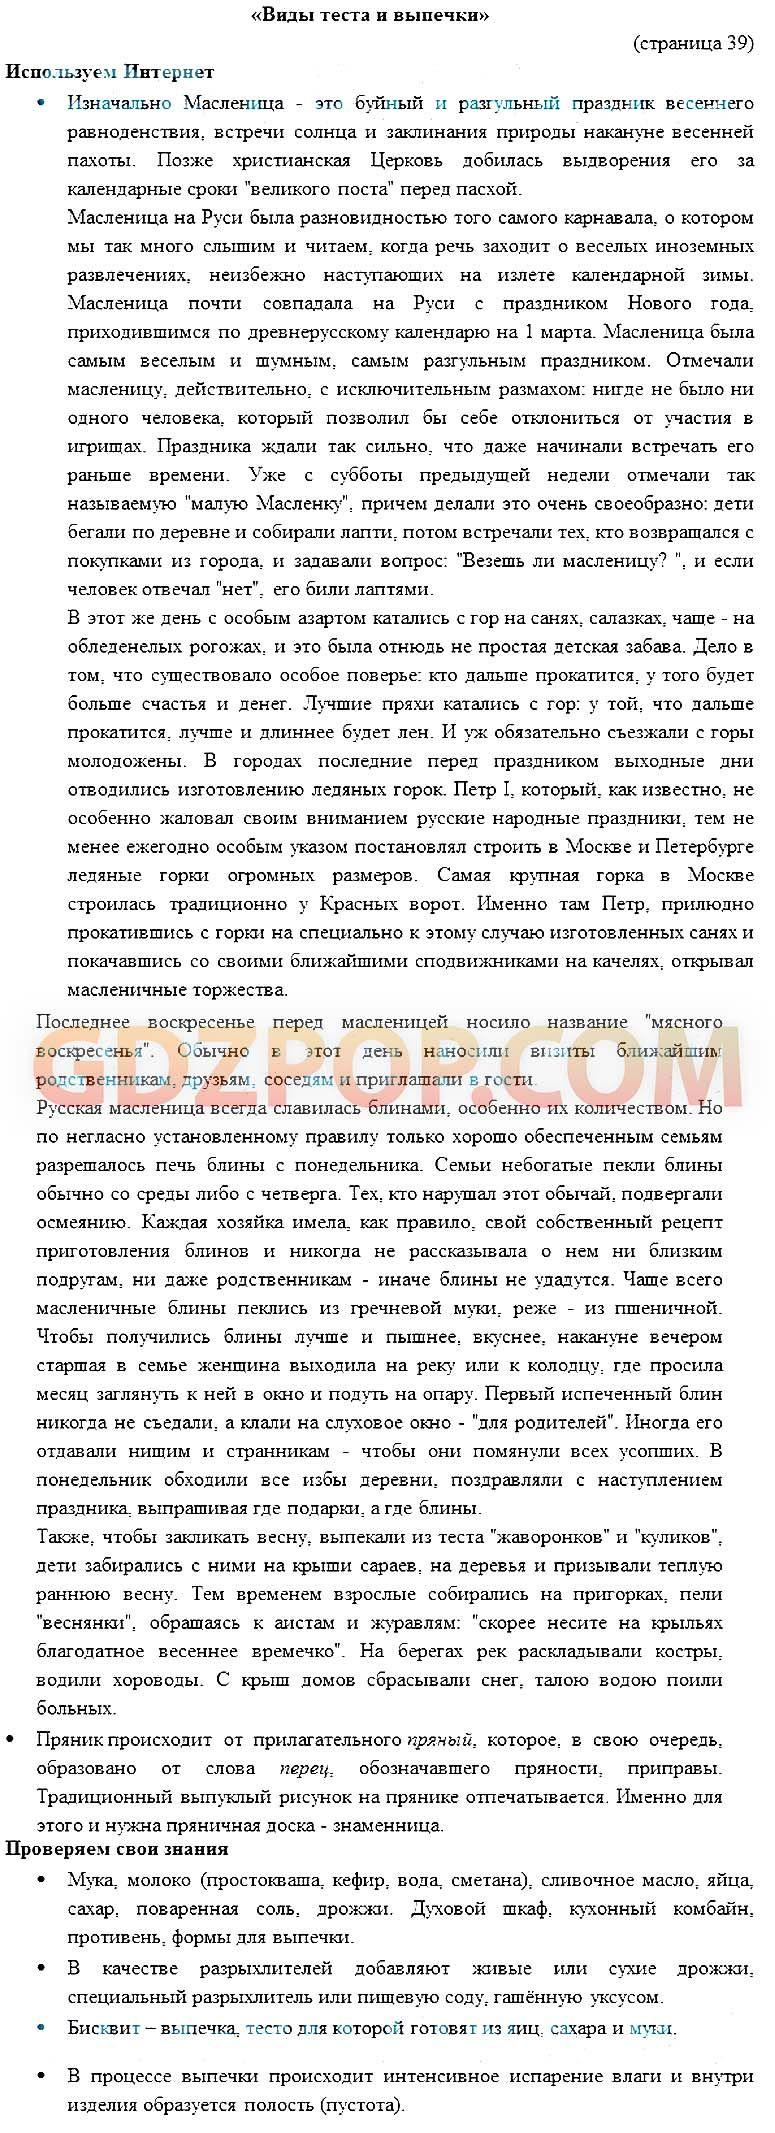 Учебник географии 7 класс з.я.андриевская